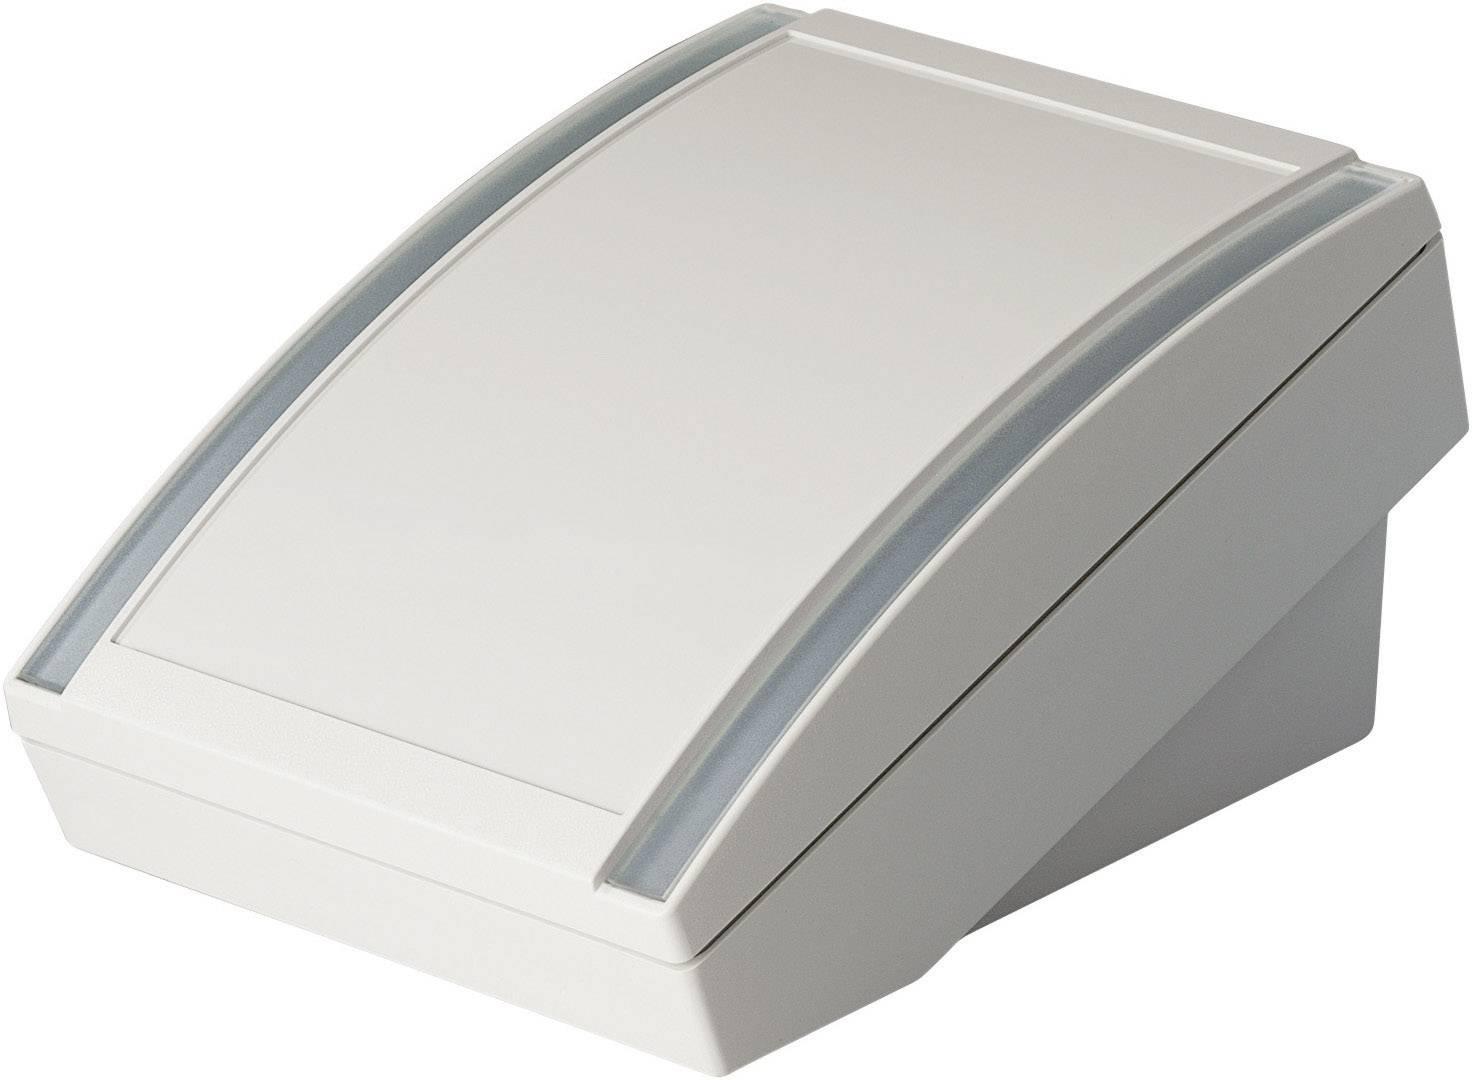 Pultové pouzdro ABS OKW, (d x š x v) 180 x 130 x 86 mm, šedá (S)